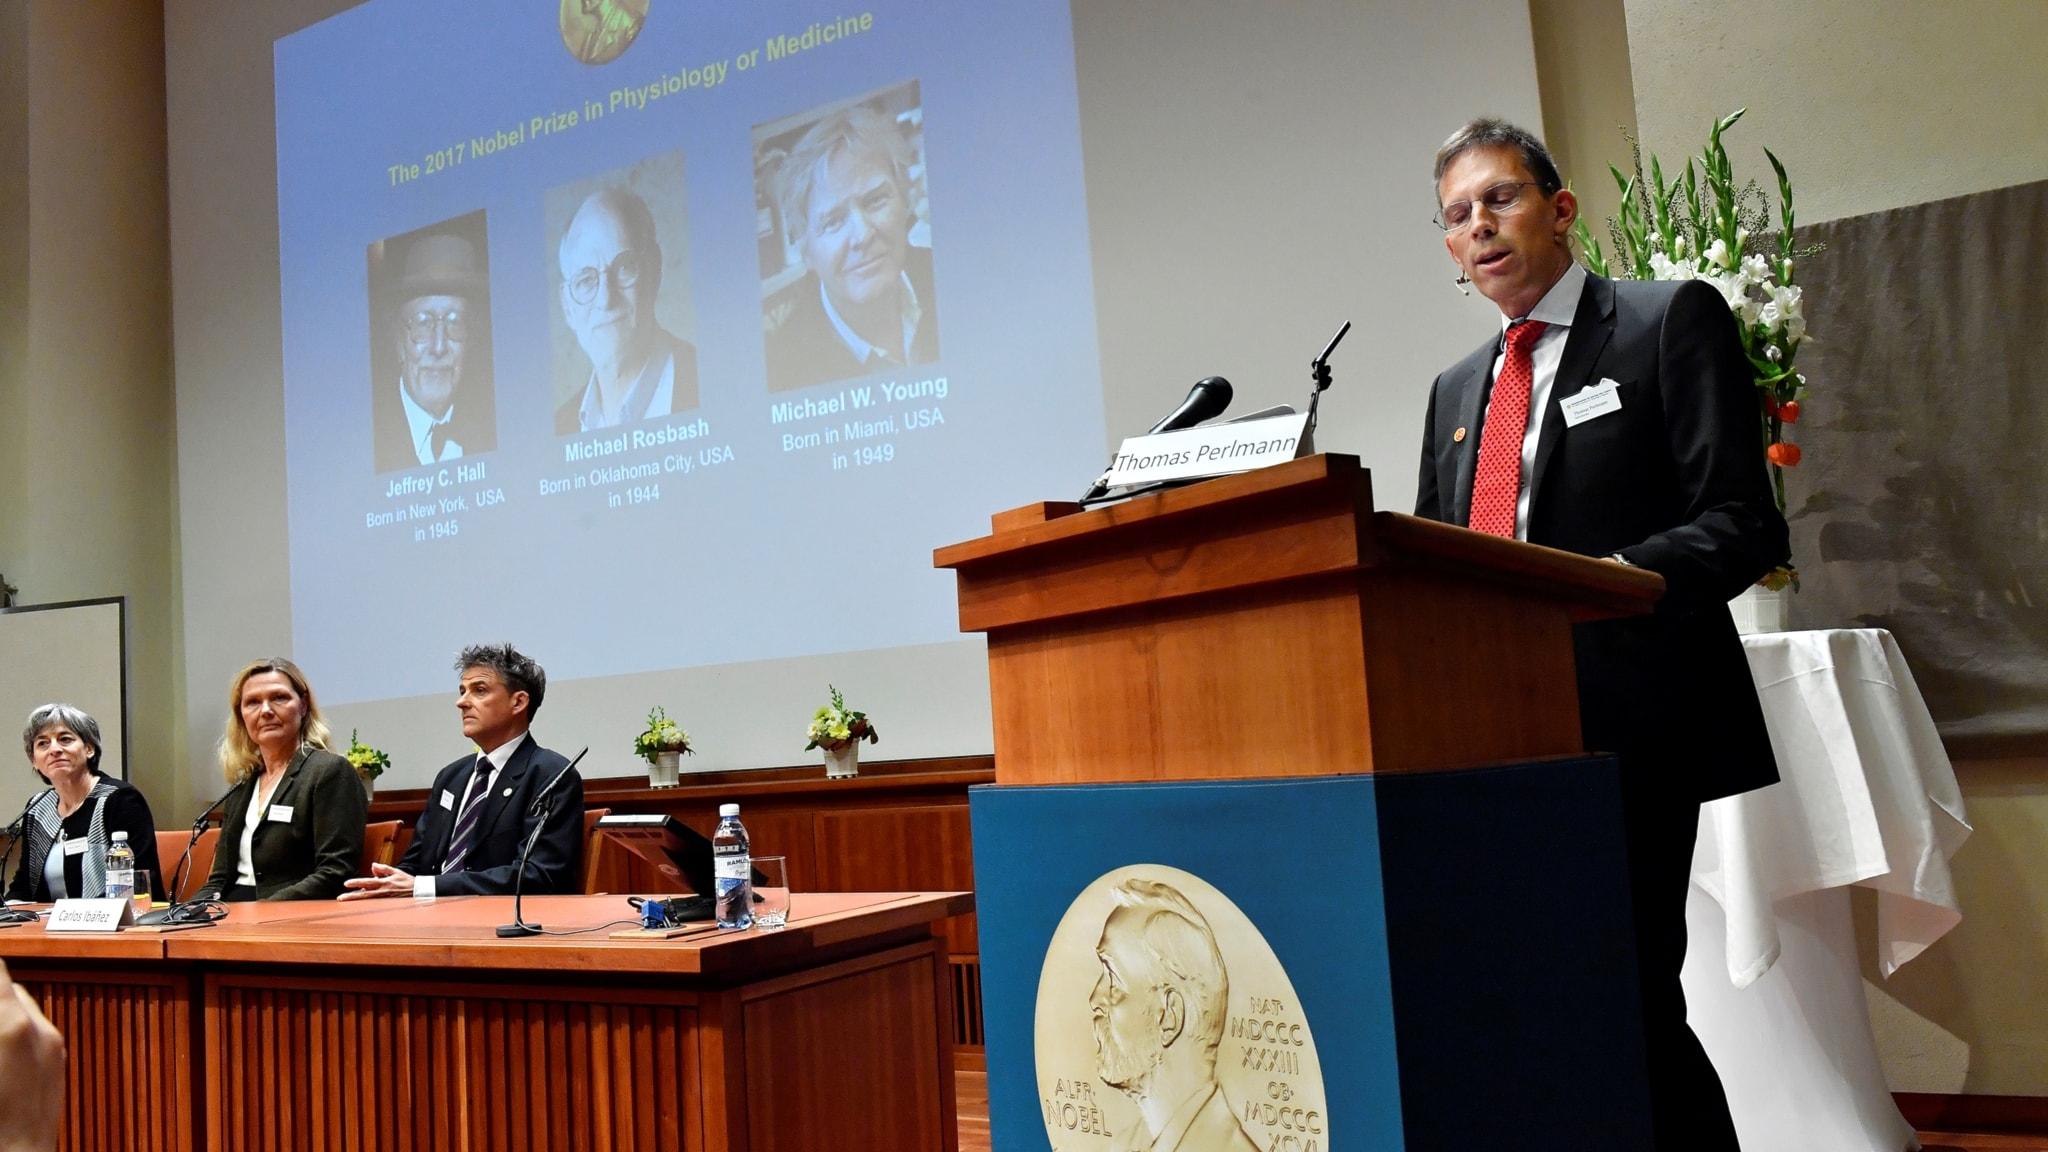 Nobelpriset i medicin för mekanismerna bakom den biologiska klockan